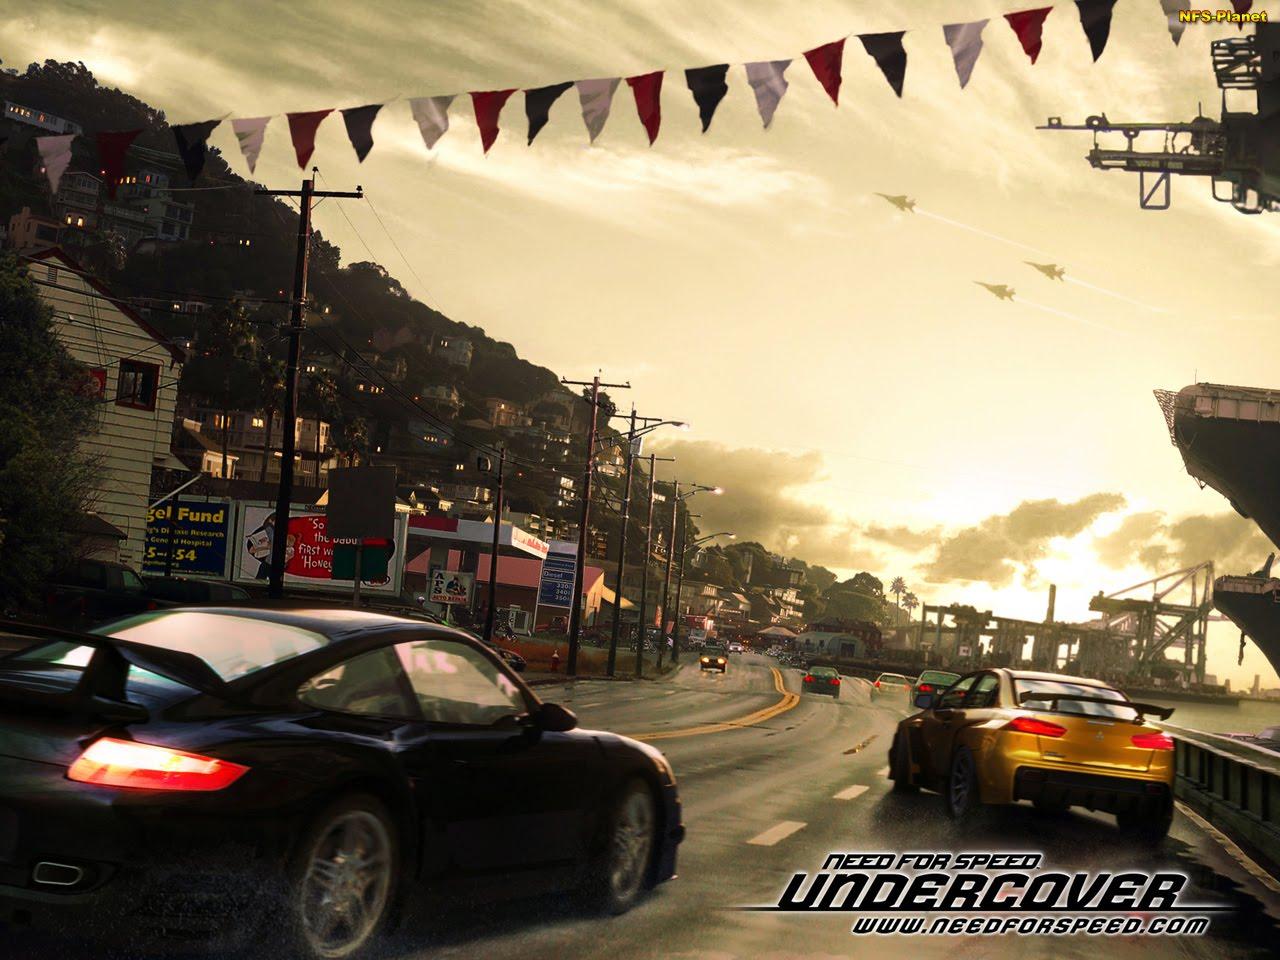 http://4.bp.blogspot.com/_lbSUxk49P0o/TEY8IgKl6EI/AAAAAAAAACs/9EkUe9fzW-U/s1600/Games_NFS_Undercover_game_011296_.jpg